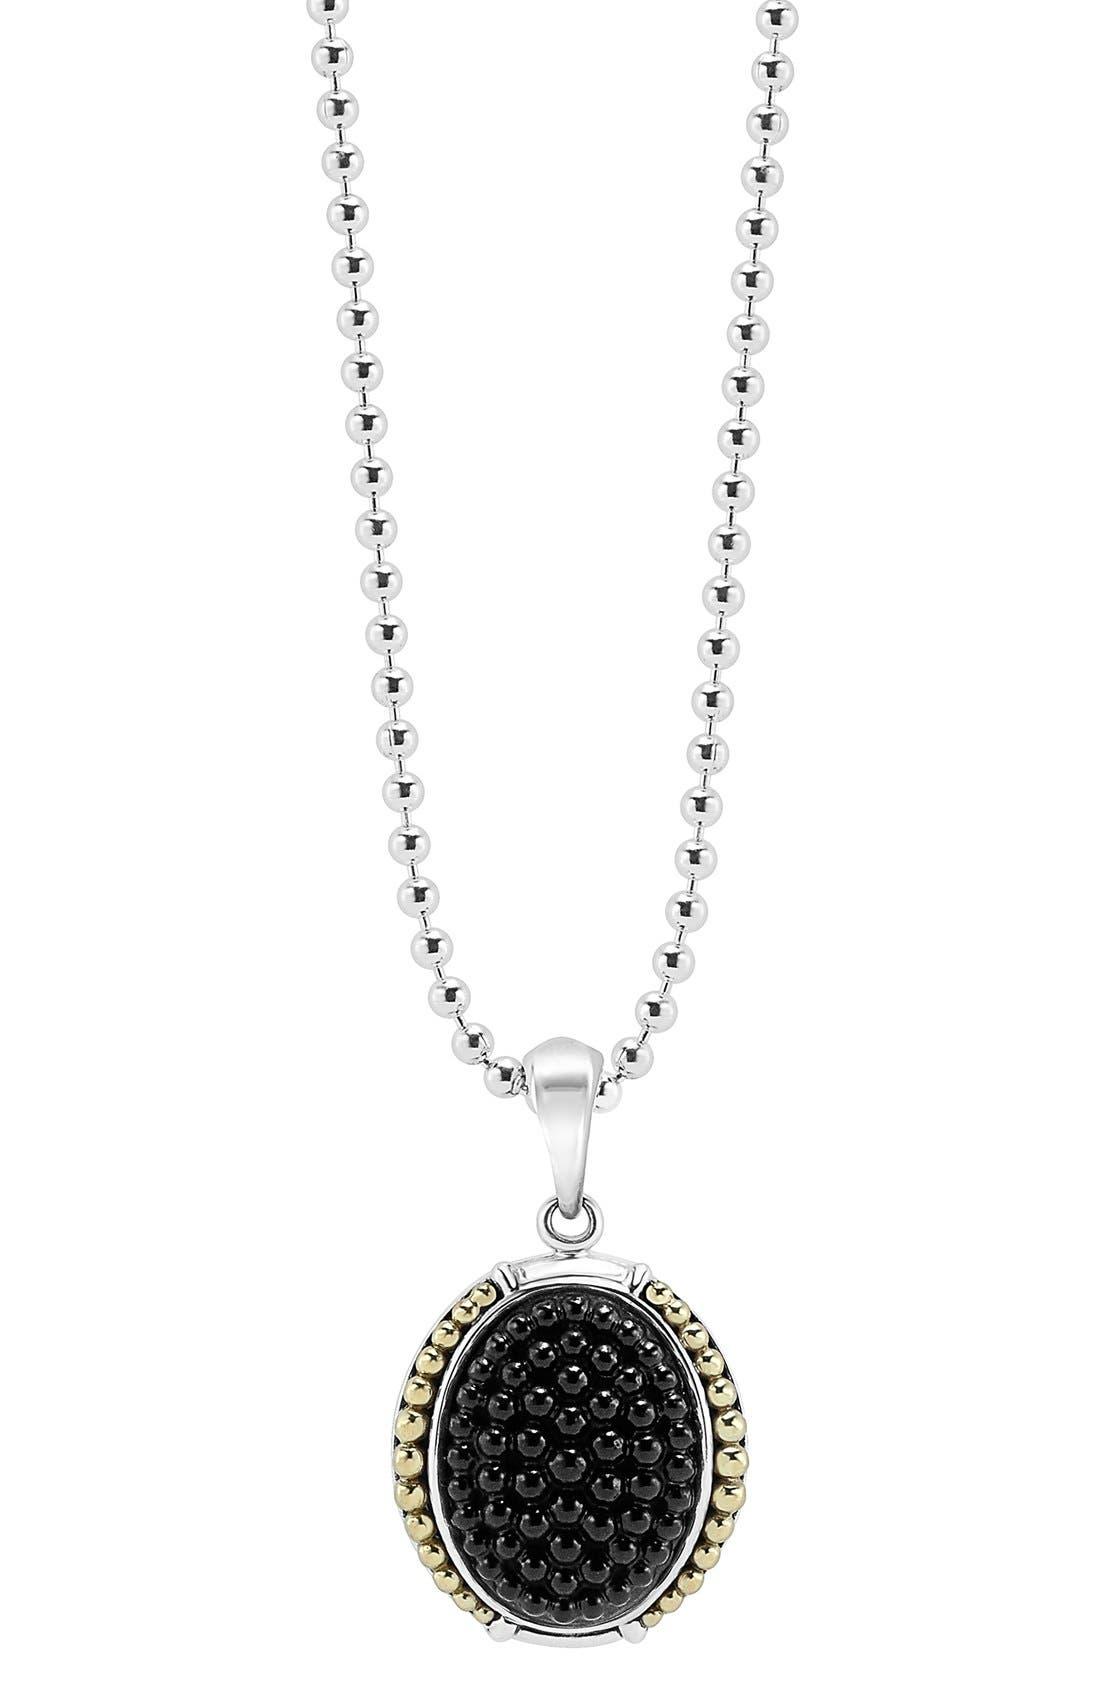 LAGOS 'Black Caviar' Oval Pendant Necklace